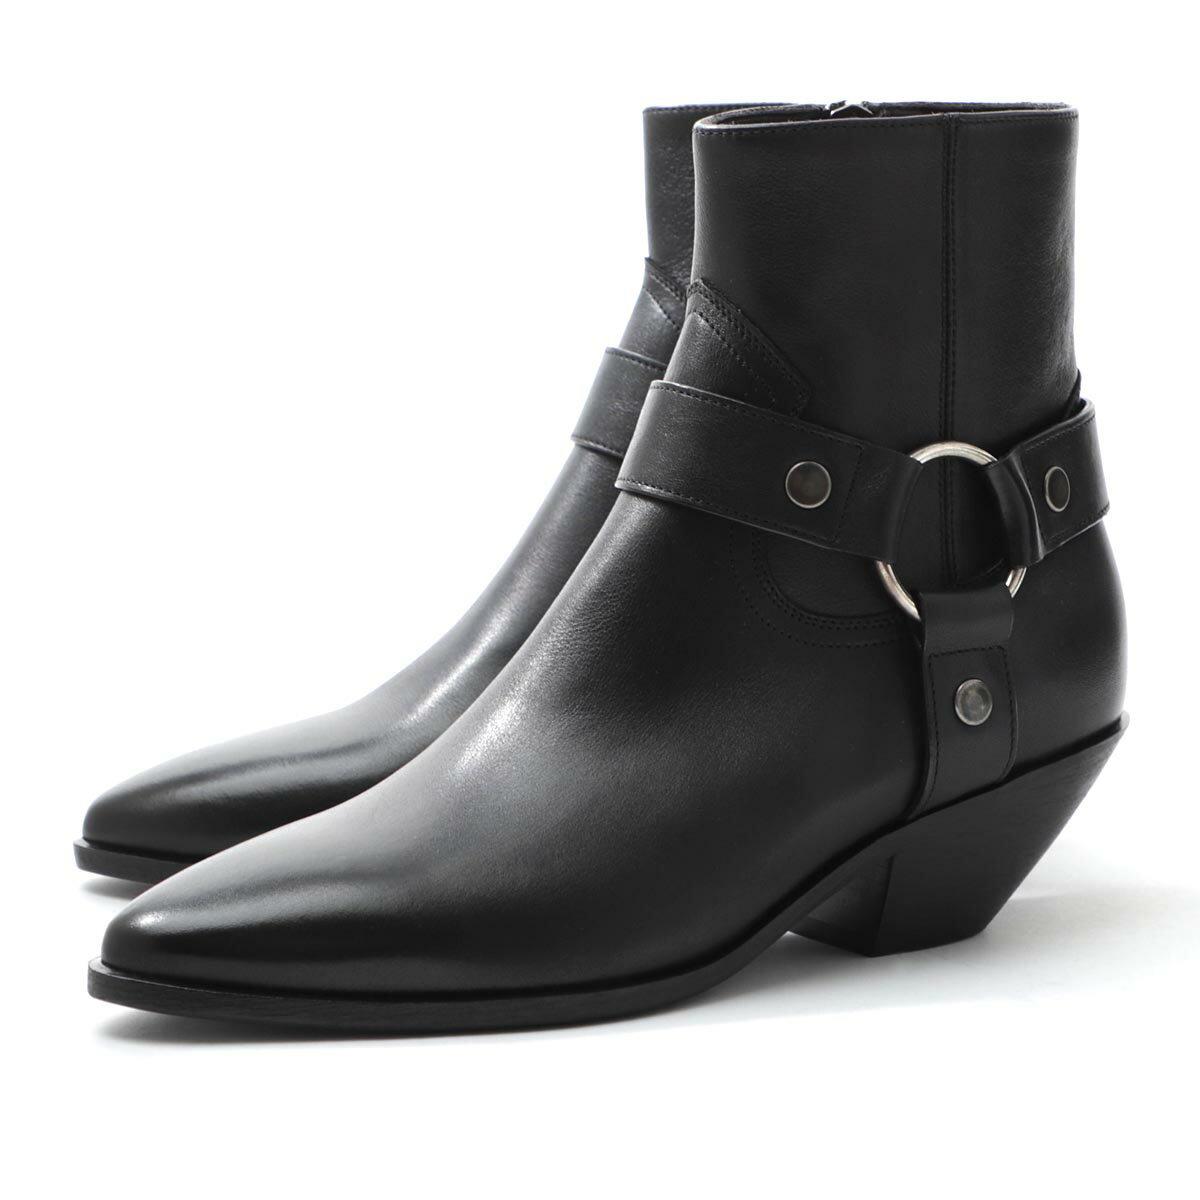 ブーツ, その他  SAINT LAURENT PARIS 563757 cy500 1000